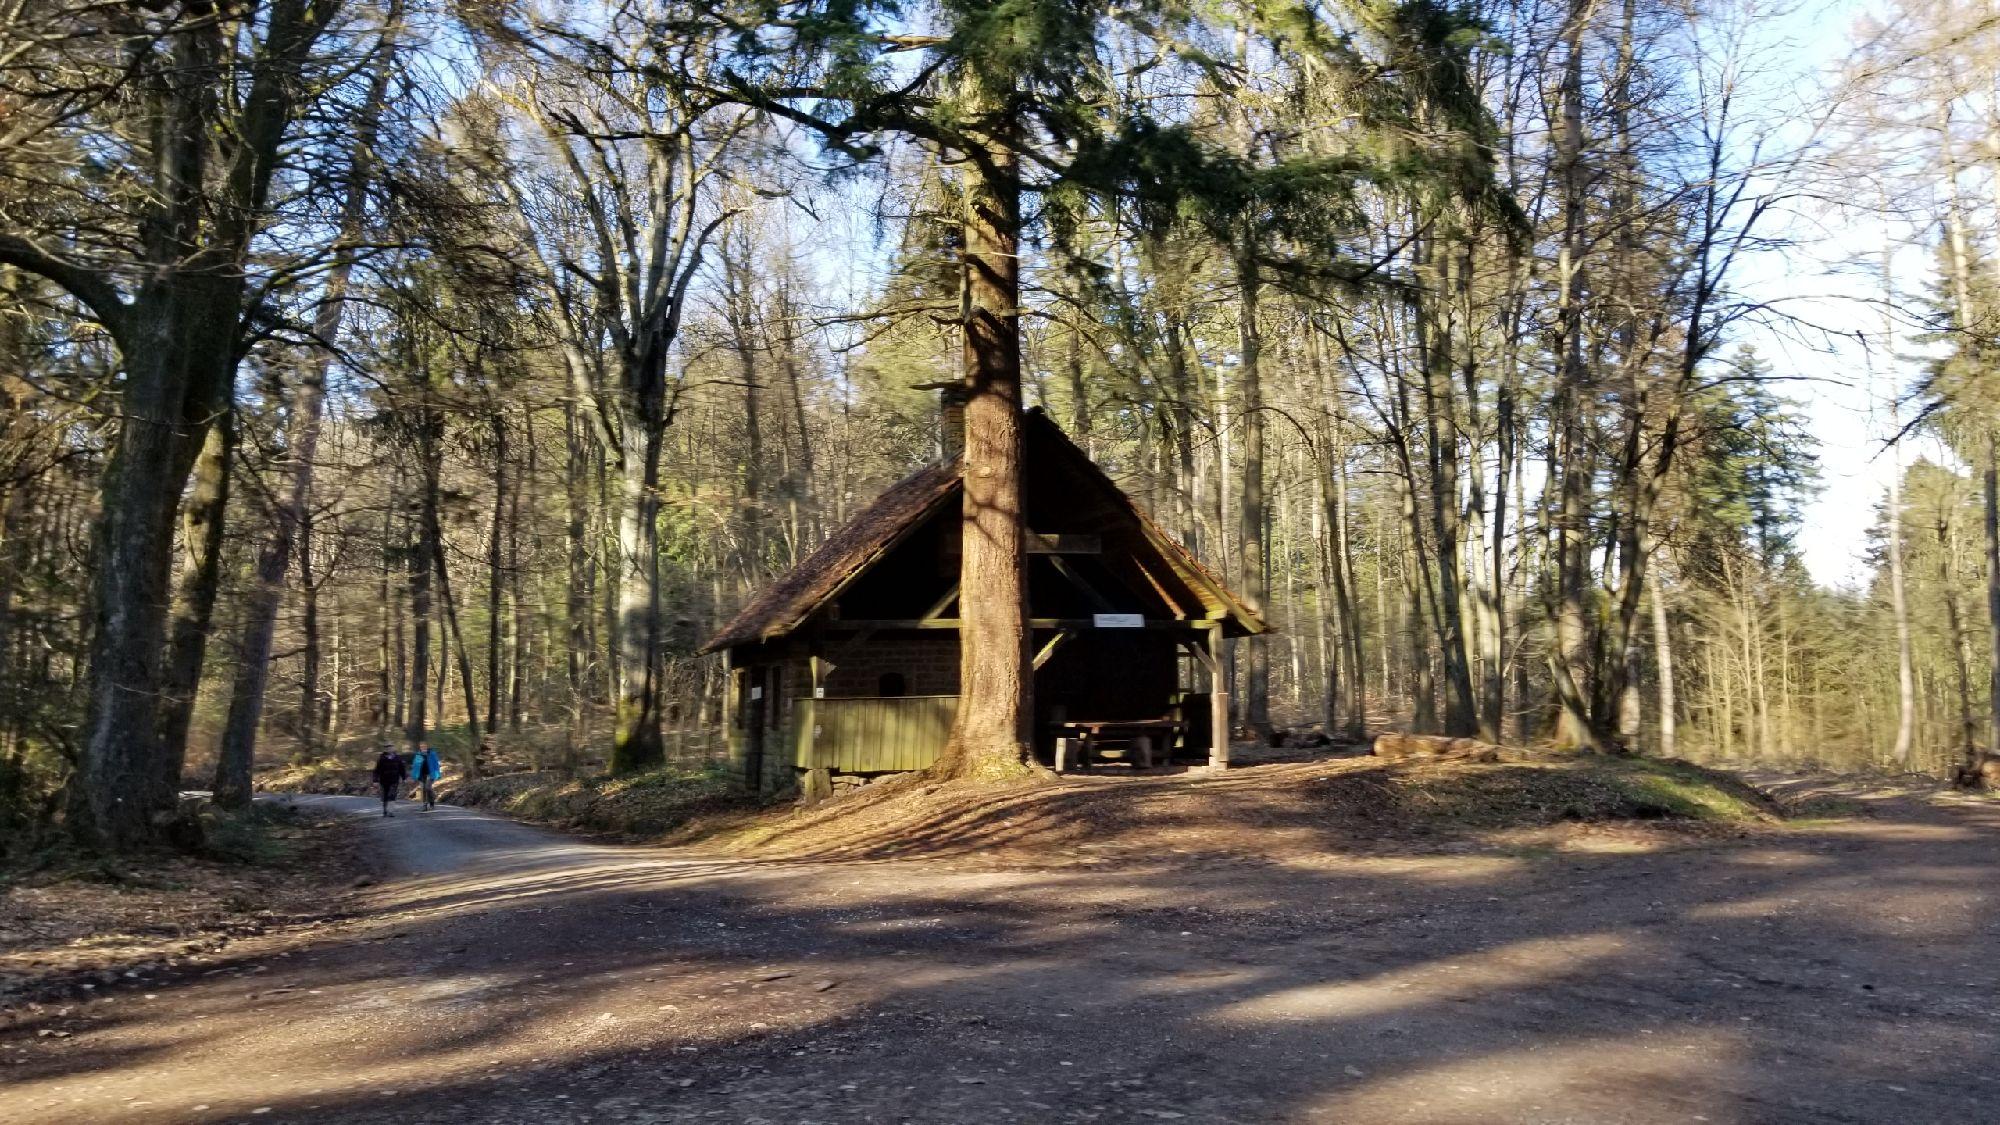 Каталсо по лесам - горам. Вот избушка, типичная. Внутри печка даже есть, но все закрыто, только лесникам можно внутри аобухать.